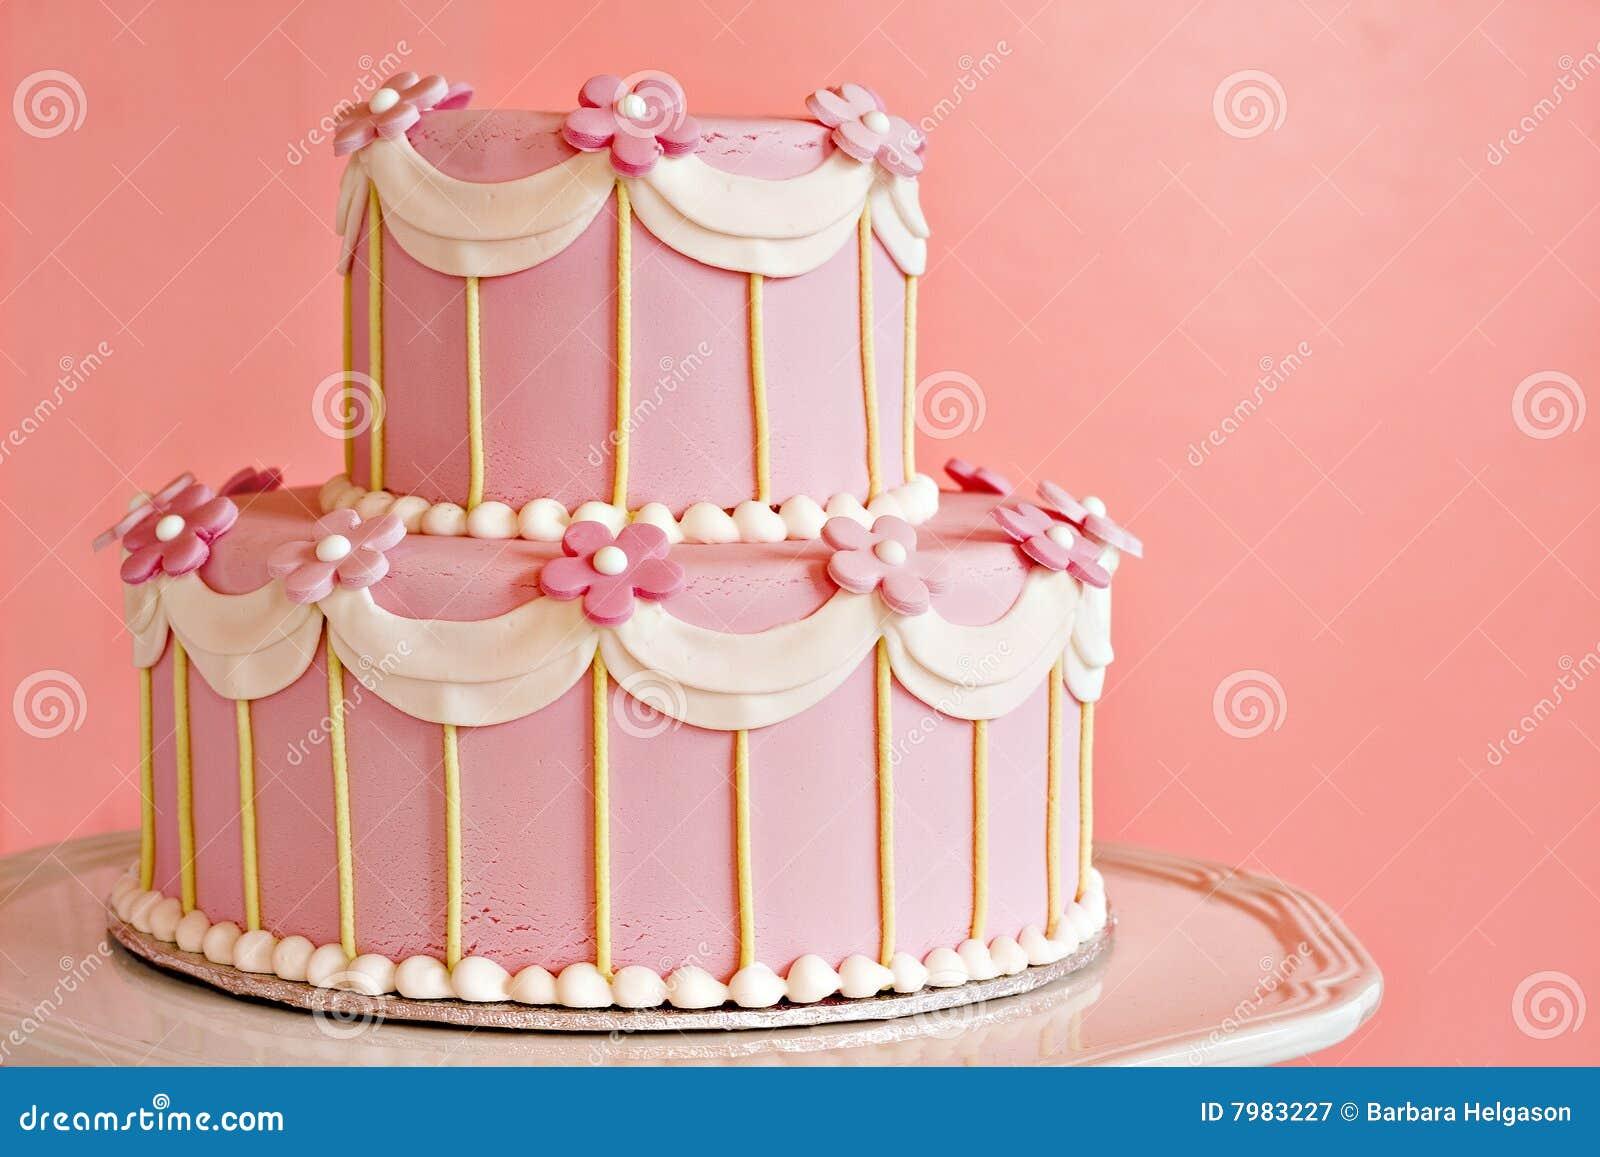 Bolo de casamento cor-de-rosa